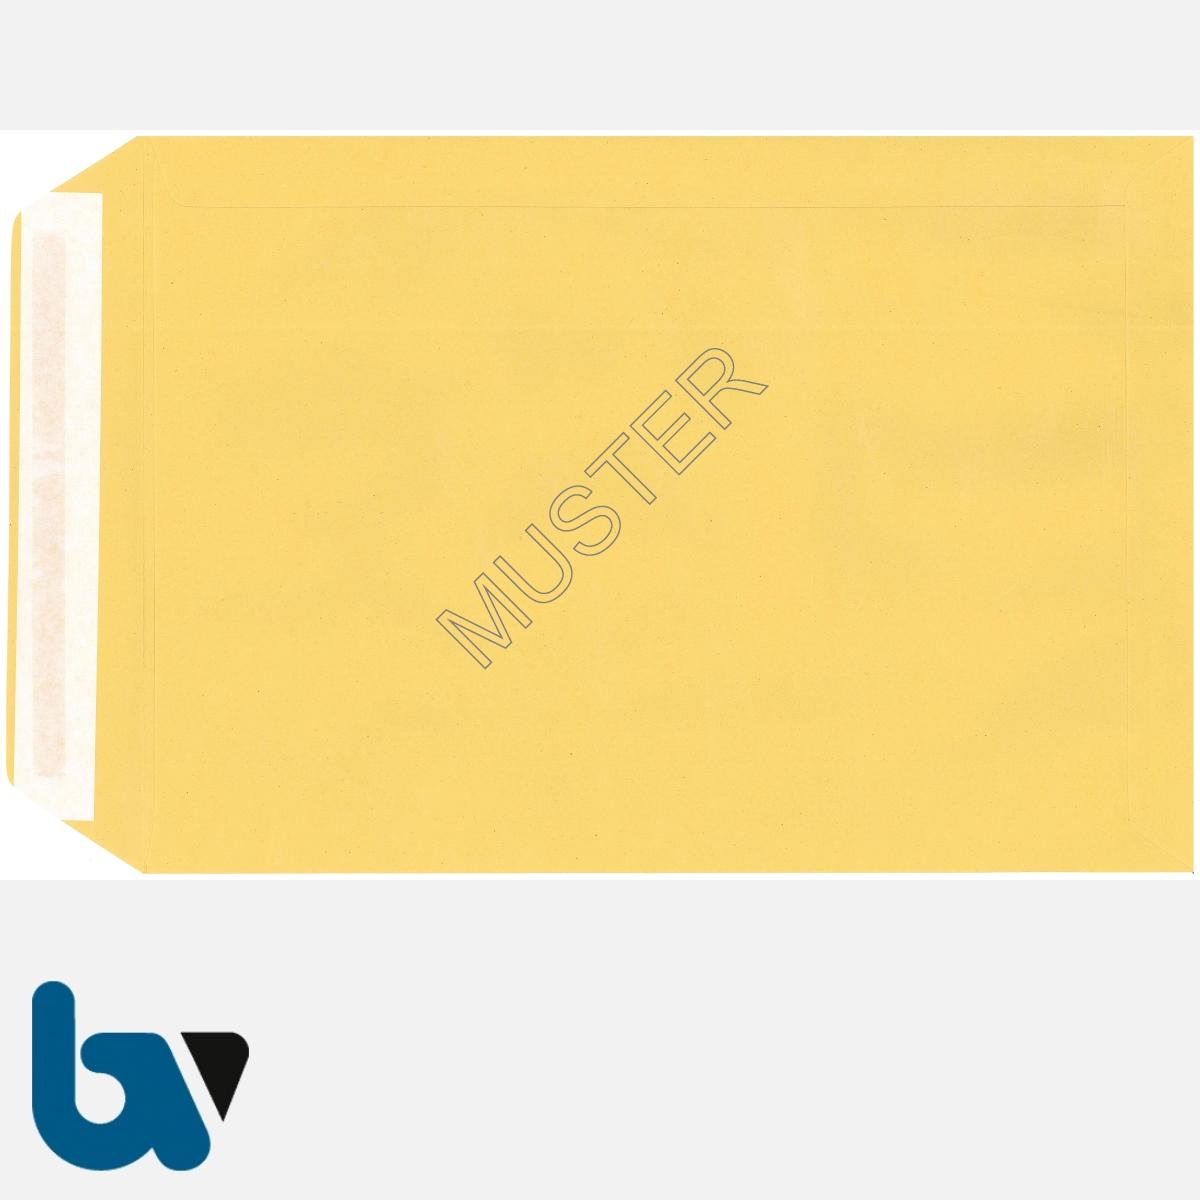 0/101-4 Förmliche Zustellung - Innerer Umschlag, DIN C4, ohne Fenster, haftklebend, Rückseite | Borgard Verlag GmbH